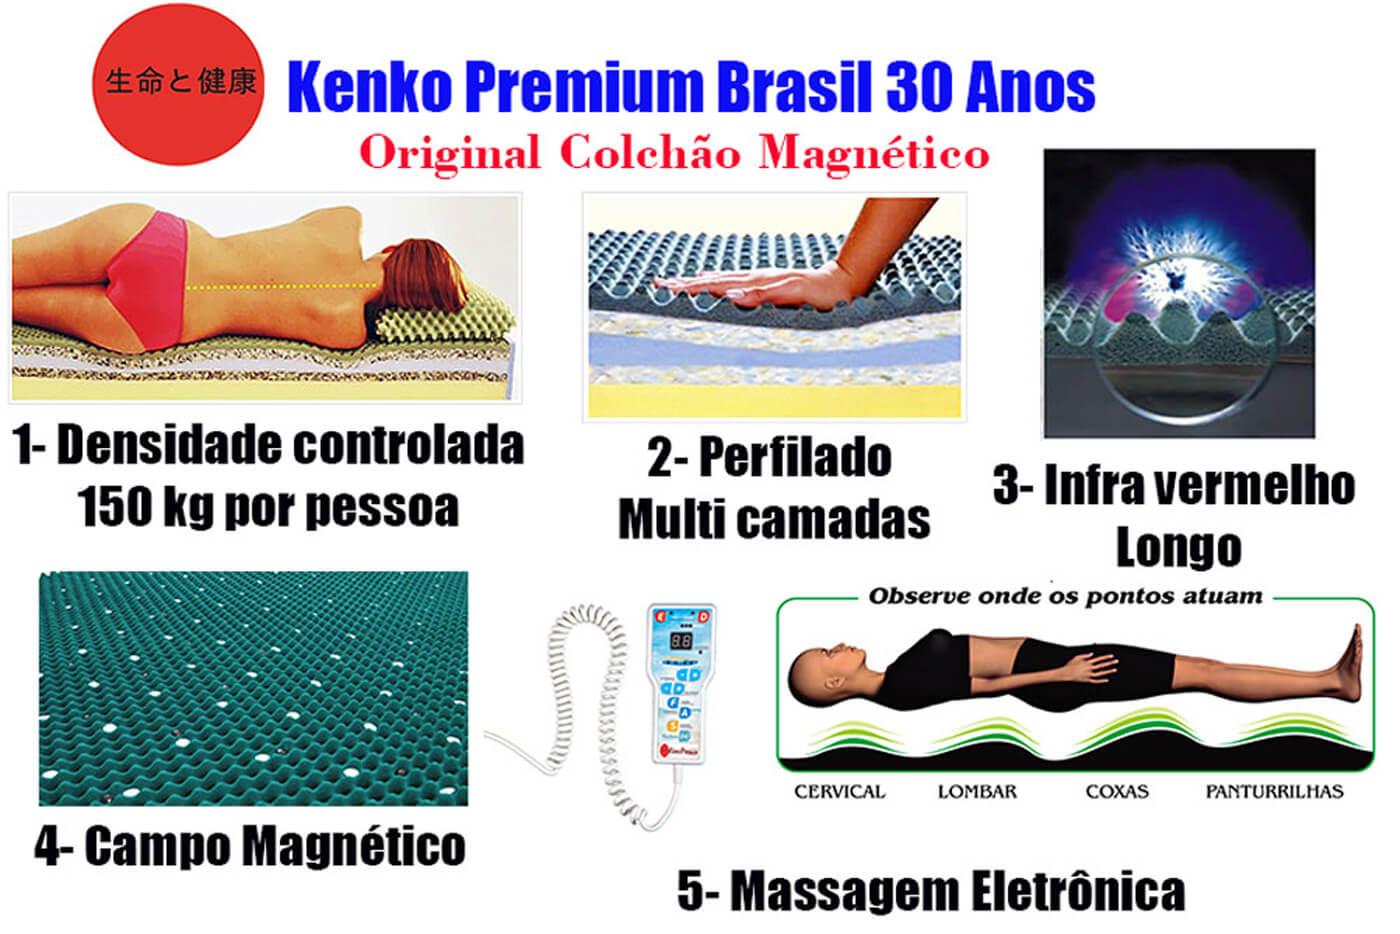 Colchão Magnético Queen Size 1,58x1,98x30cm Kenko Premium Gold C/Massageador Bioquãntico+Cromoterapia Linha Exportação  - Kenko Premium Colchões